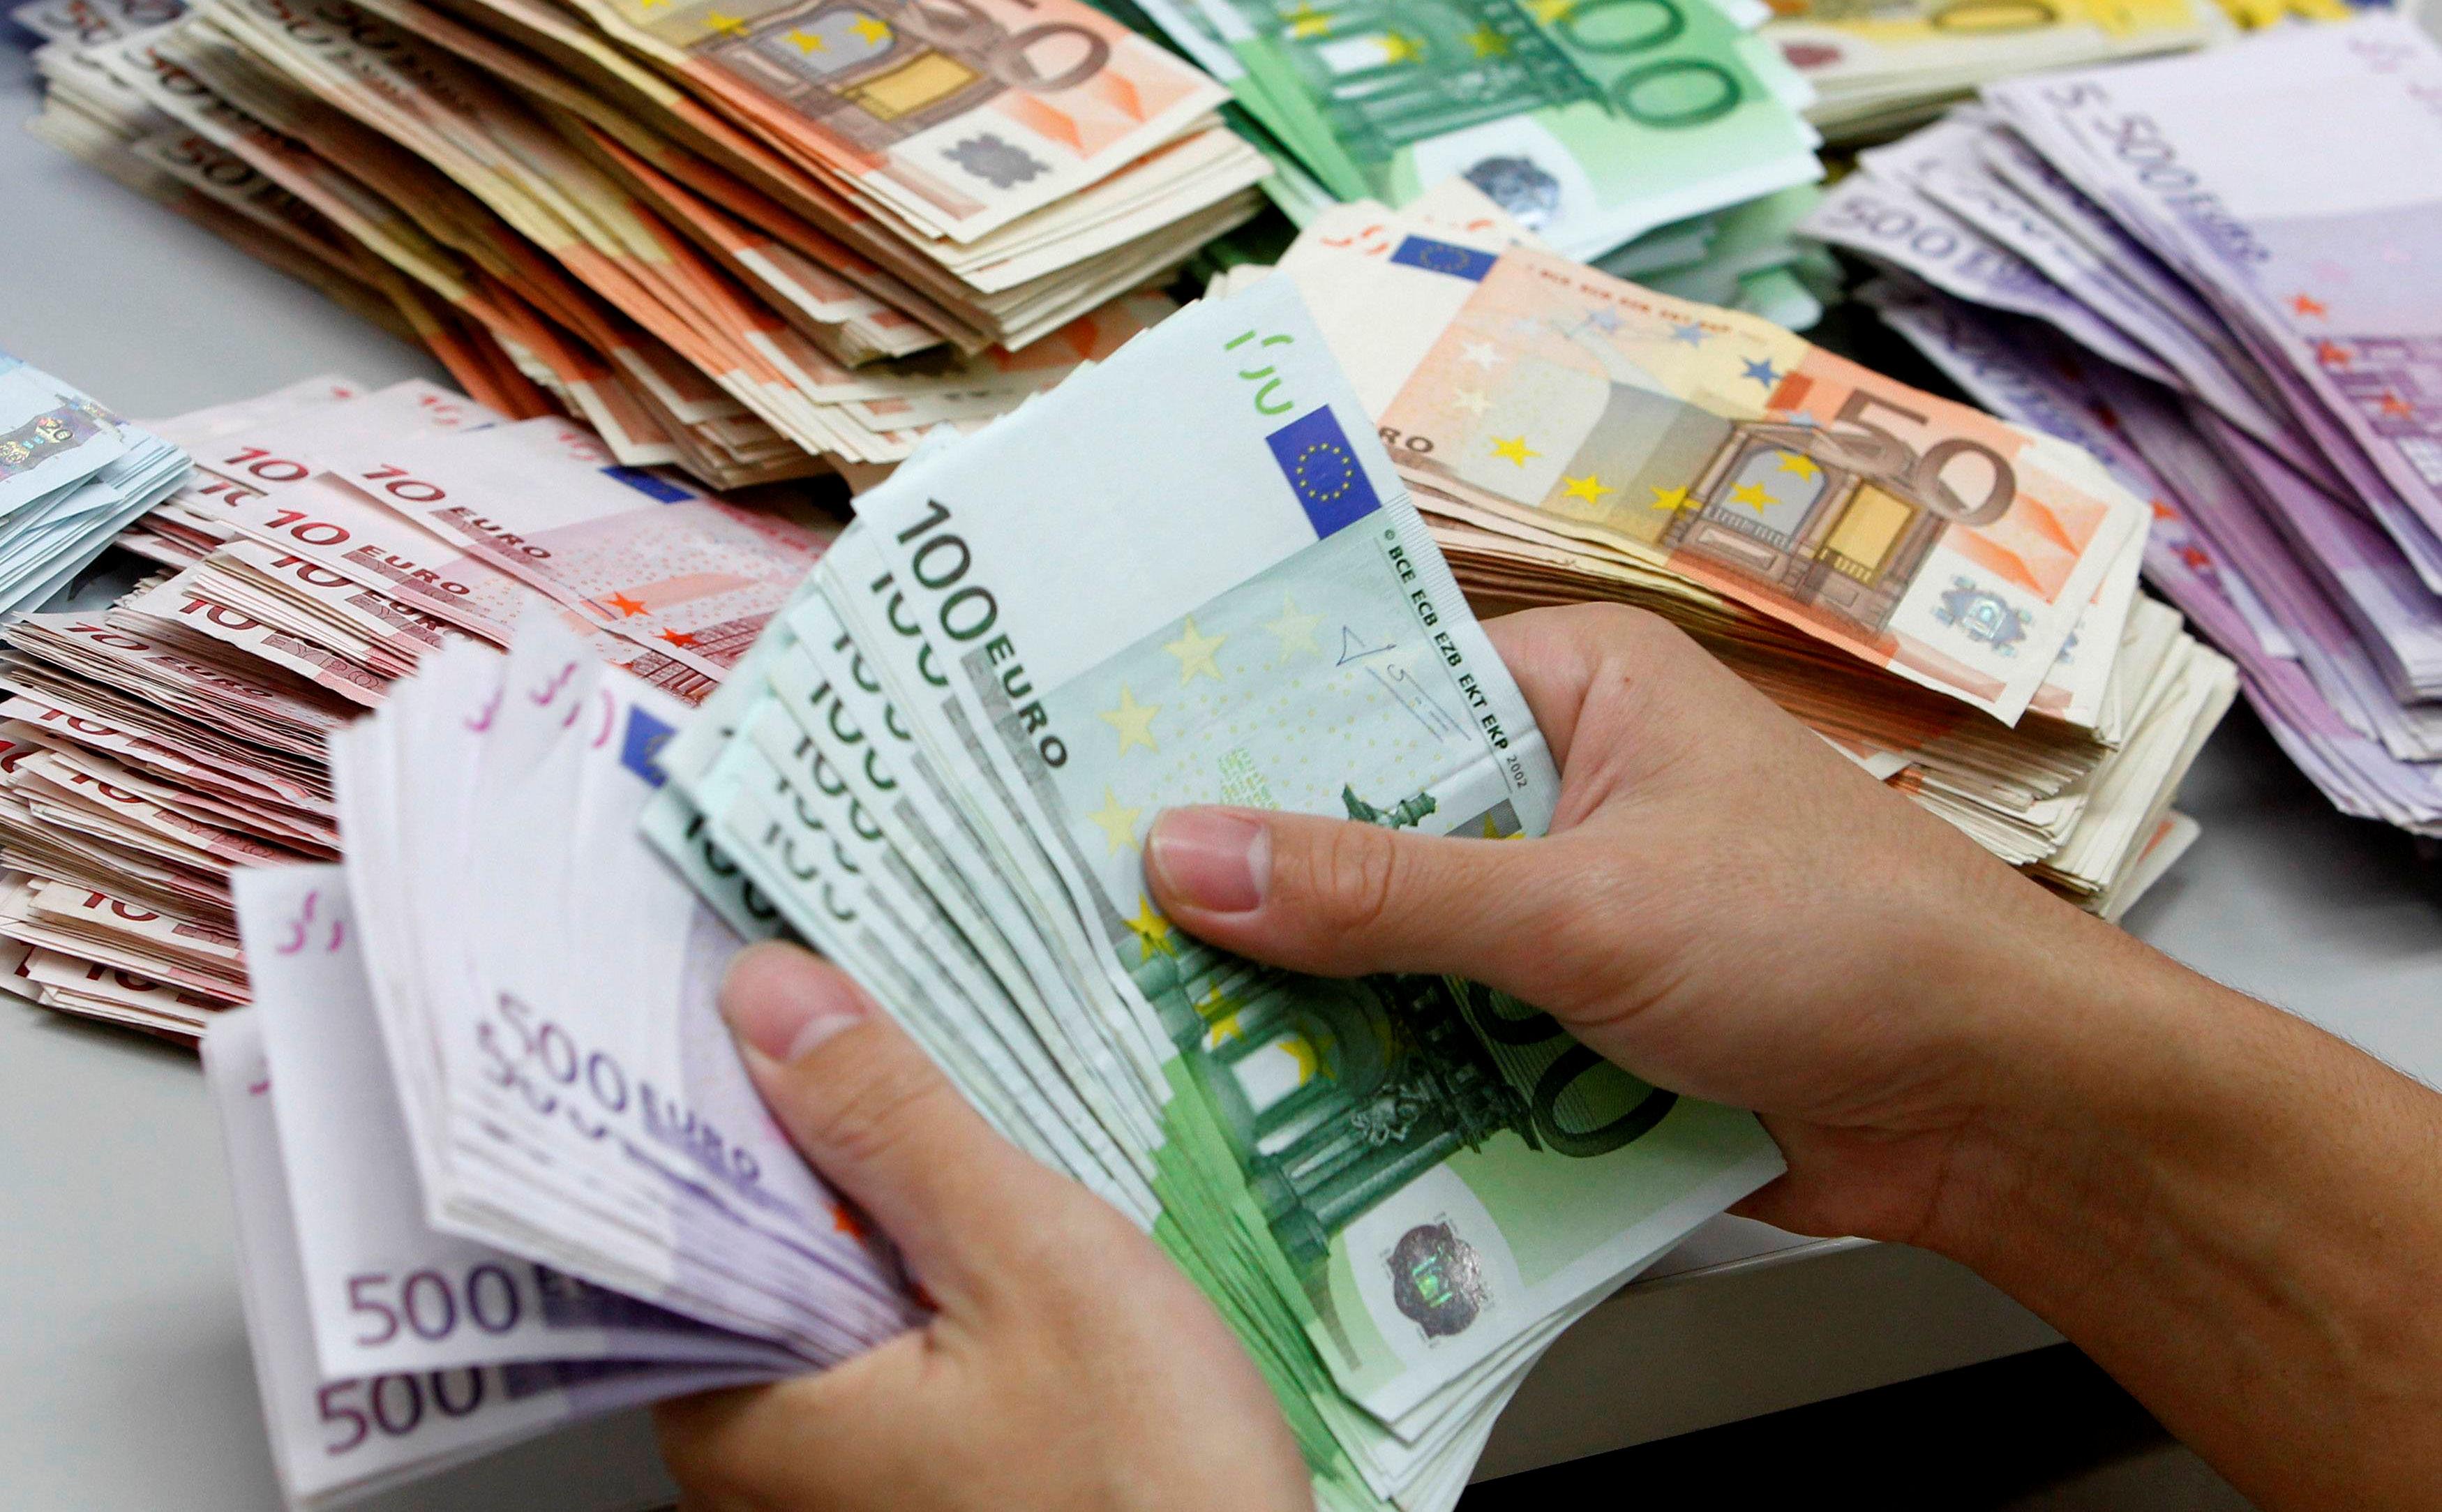 Kaq milionë euro u shpenzuan për veteranët për dy muaj